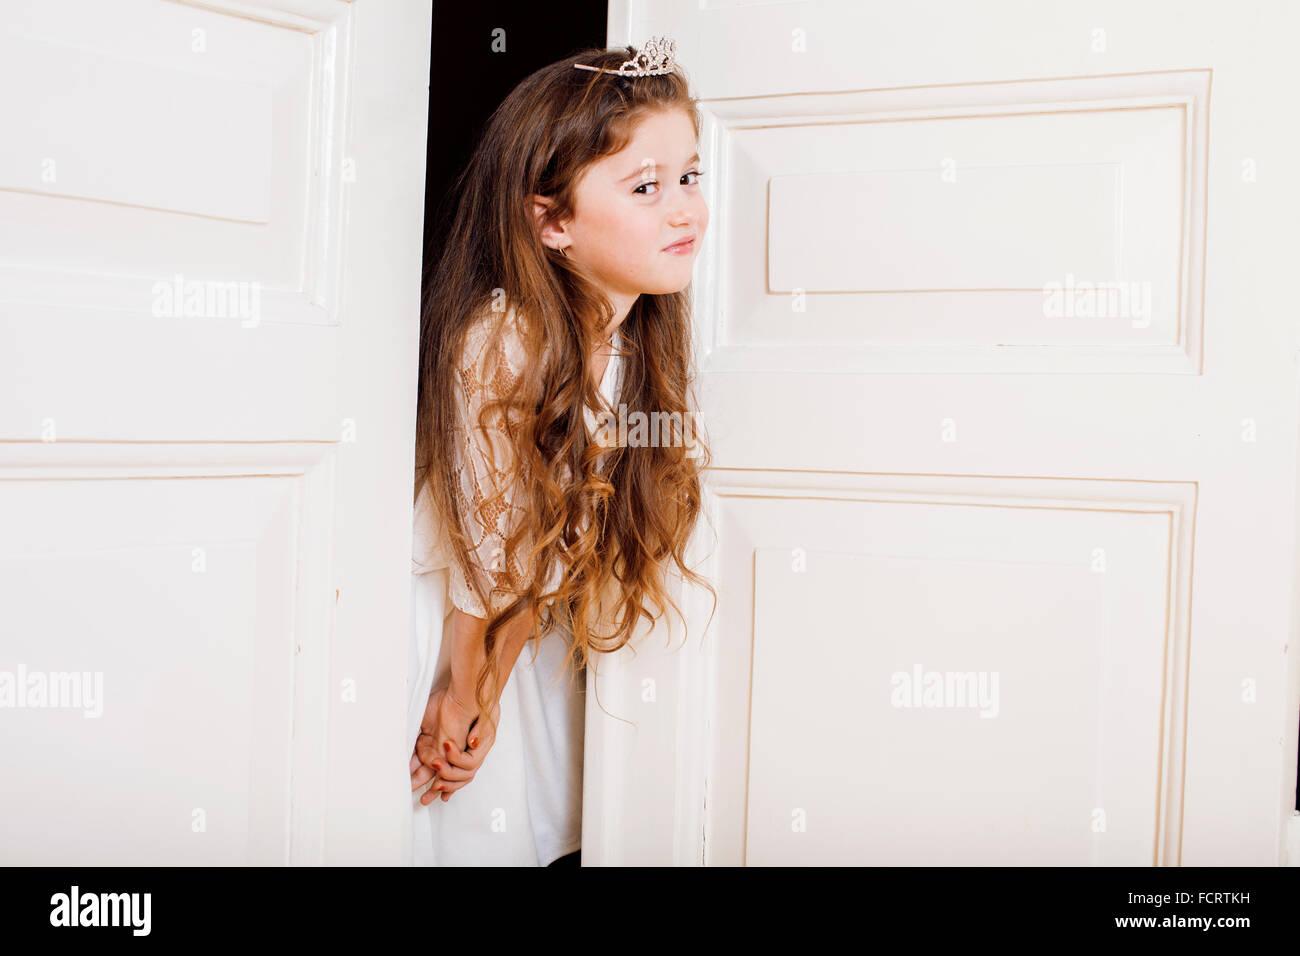 kleine süße Mädchen zu Hause, die Tür gut gekleidet in weißem Kleid, entzückende Fee Stockbild